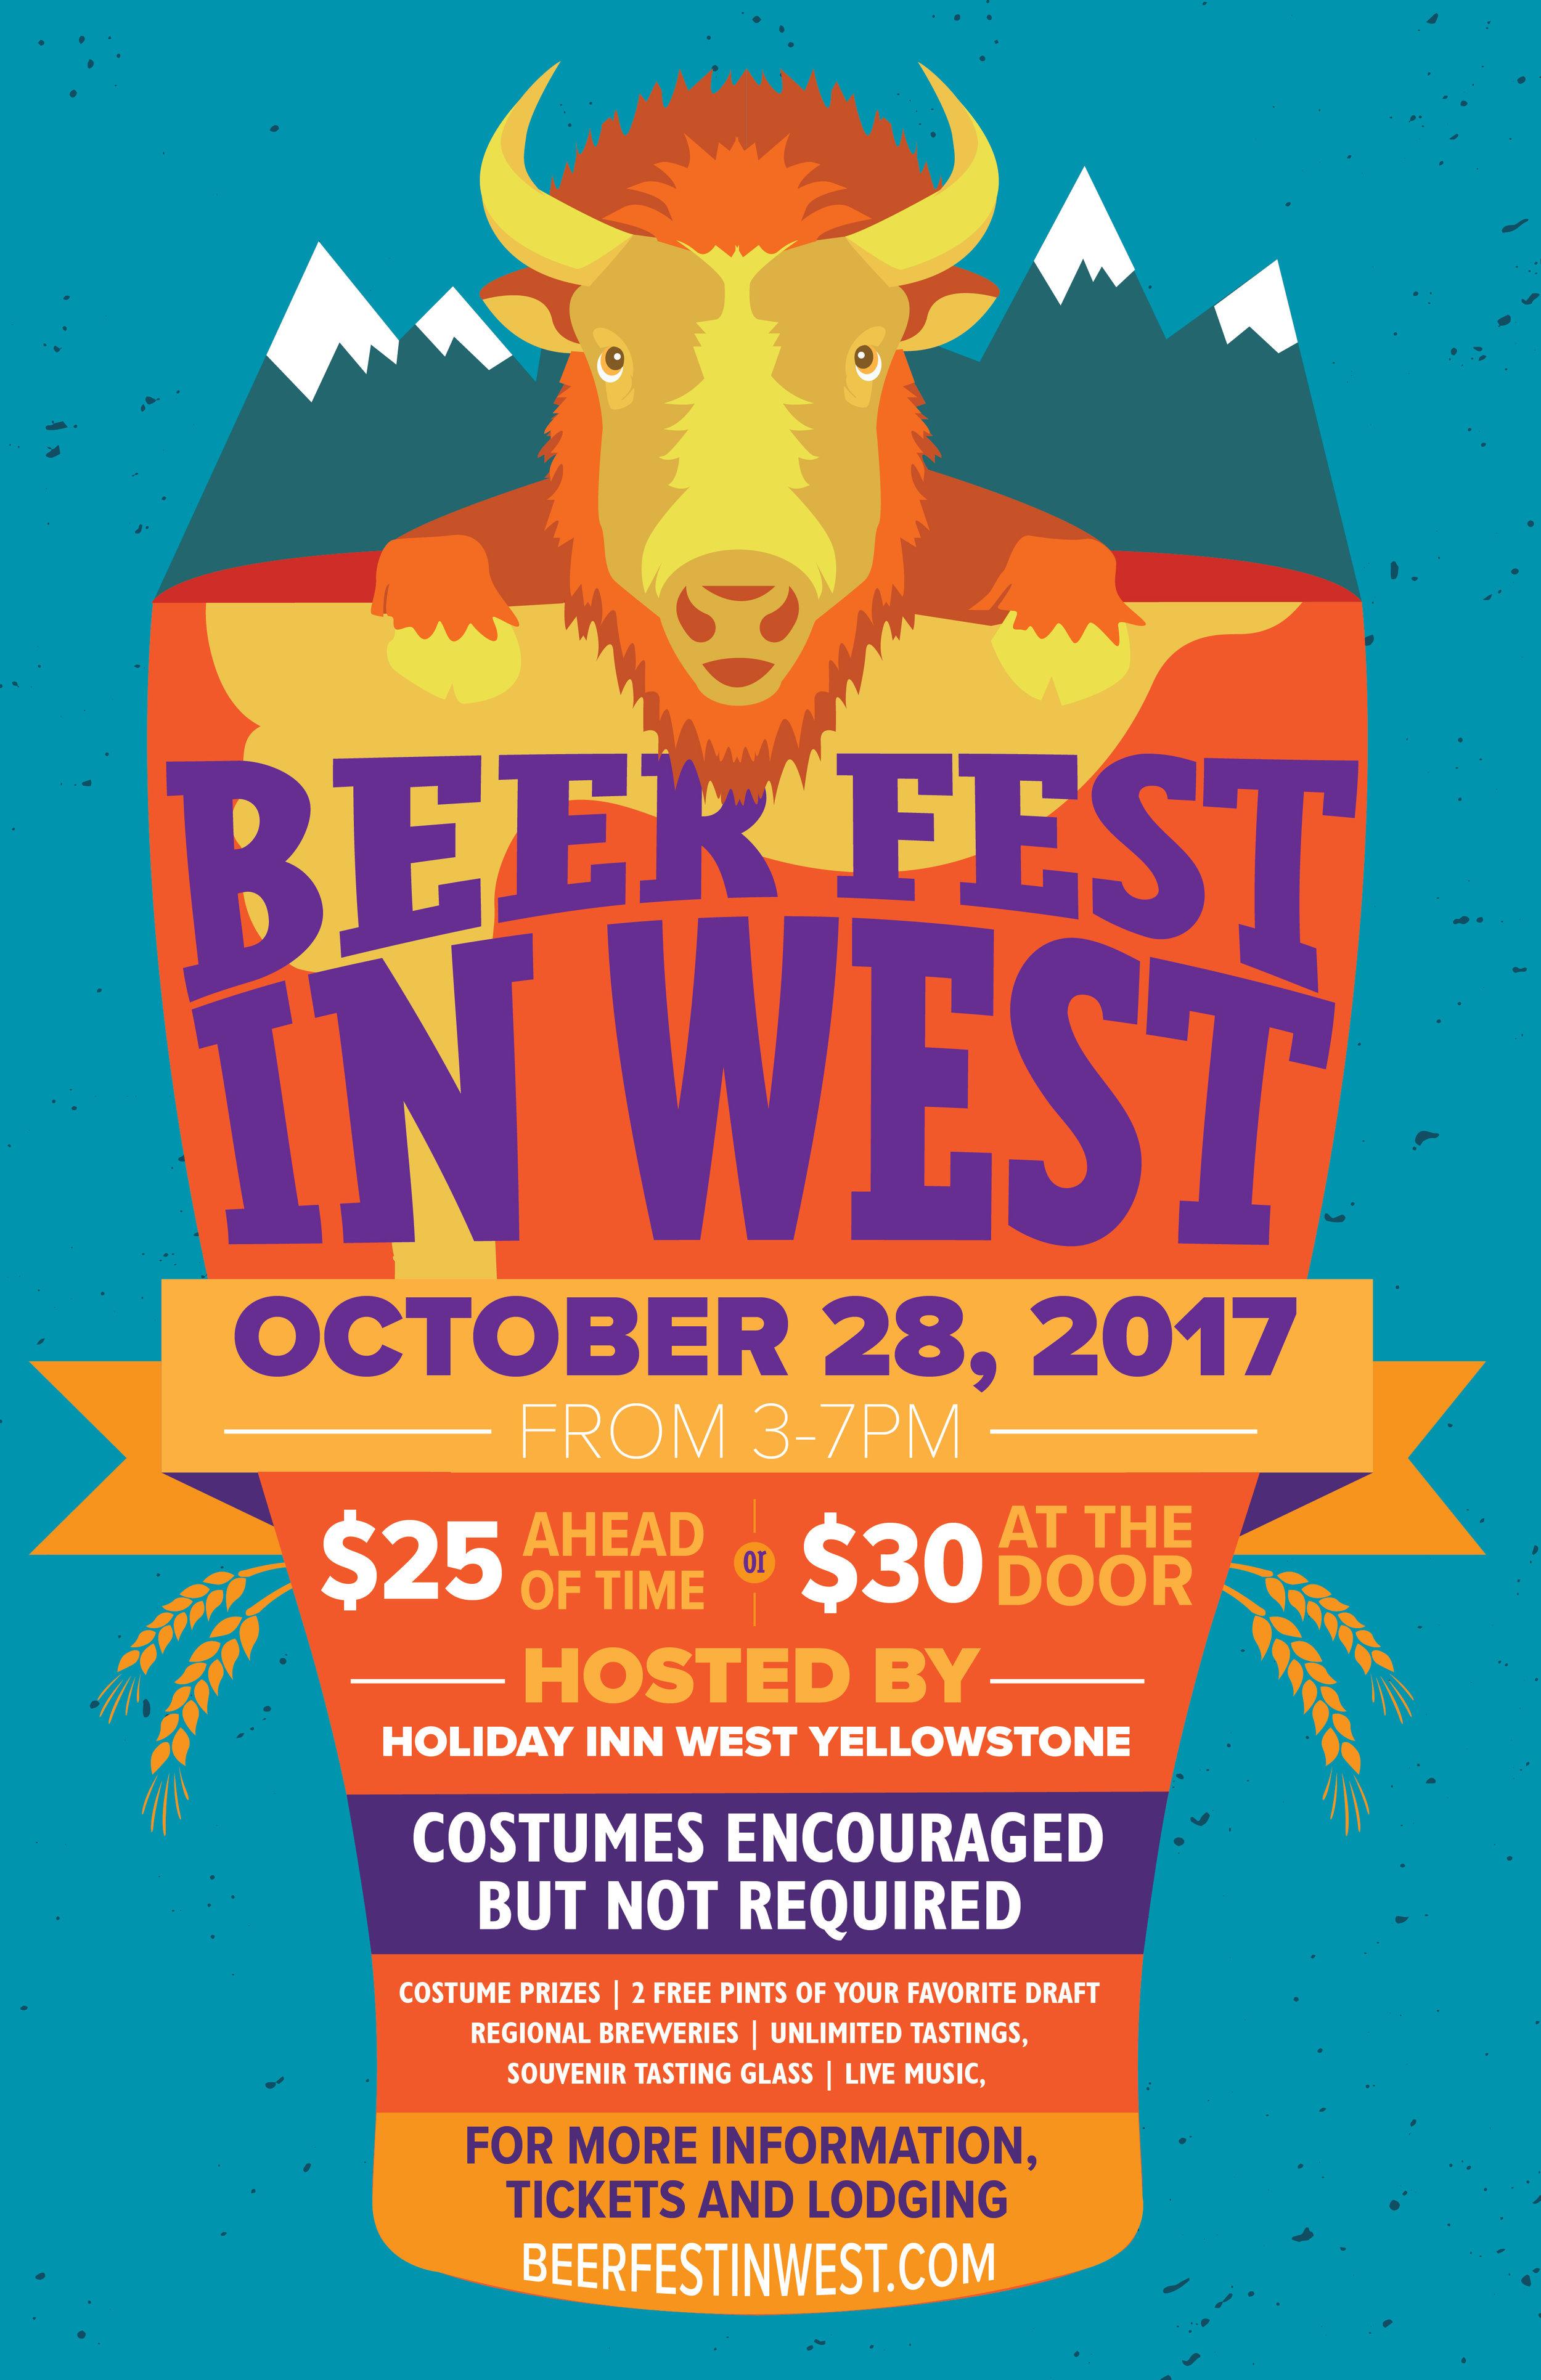 BeerFestinWest_2017-01.jpg